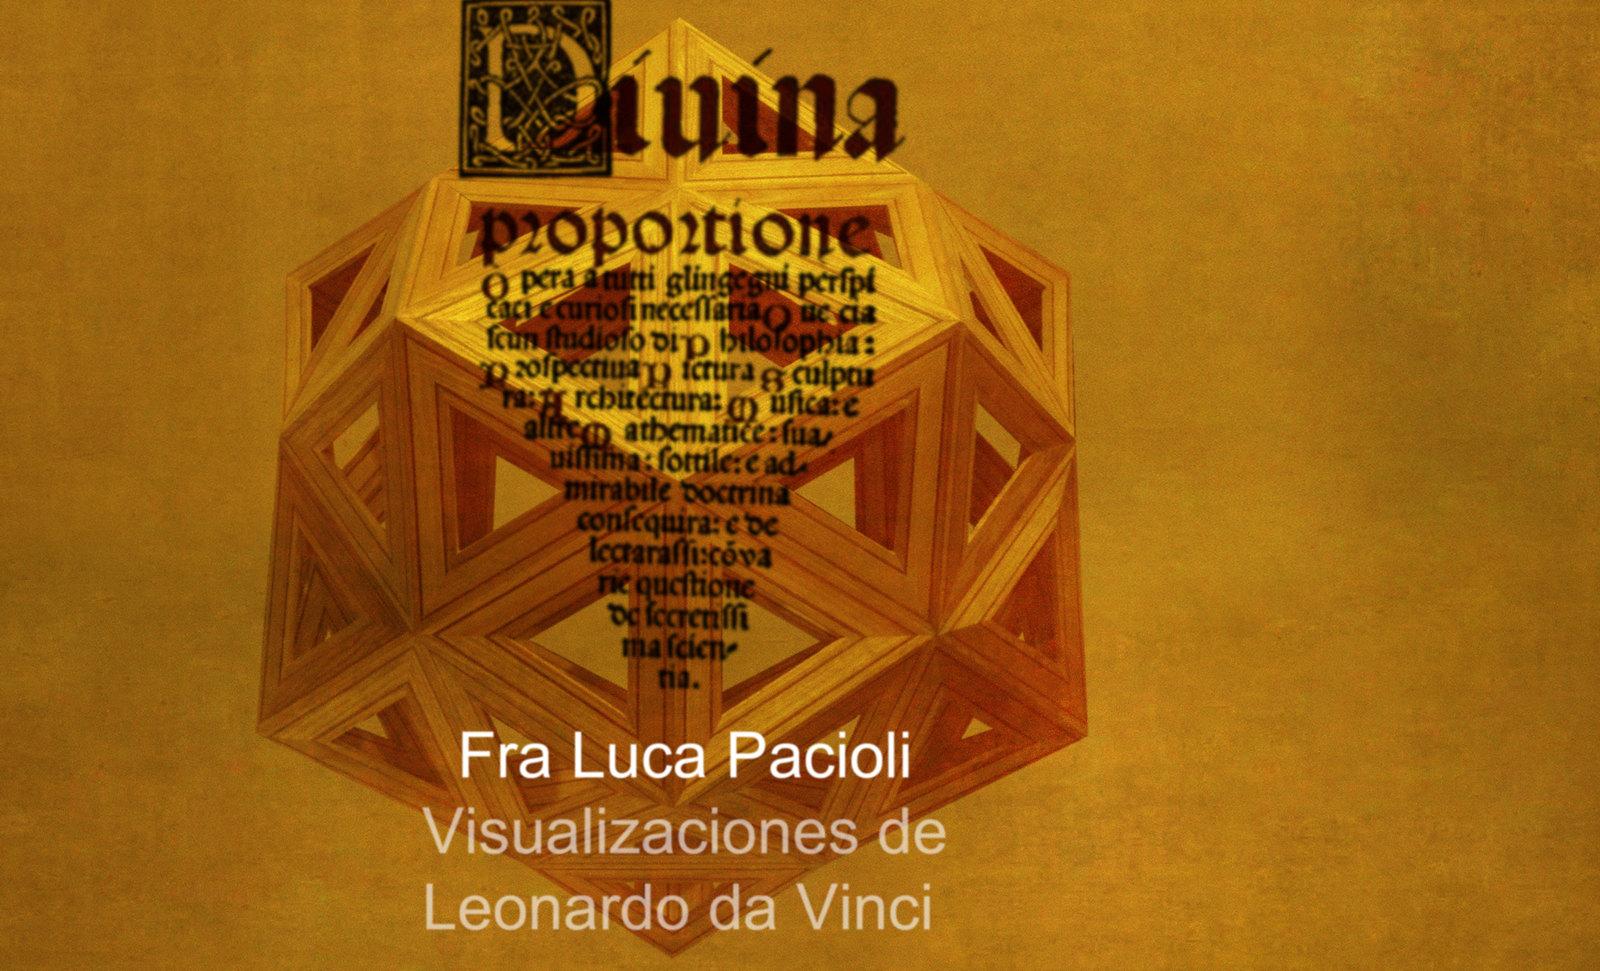 Luca Paccioli